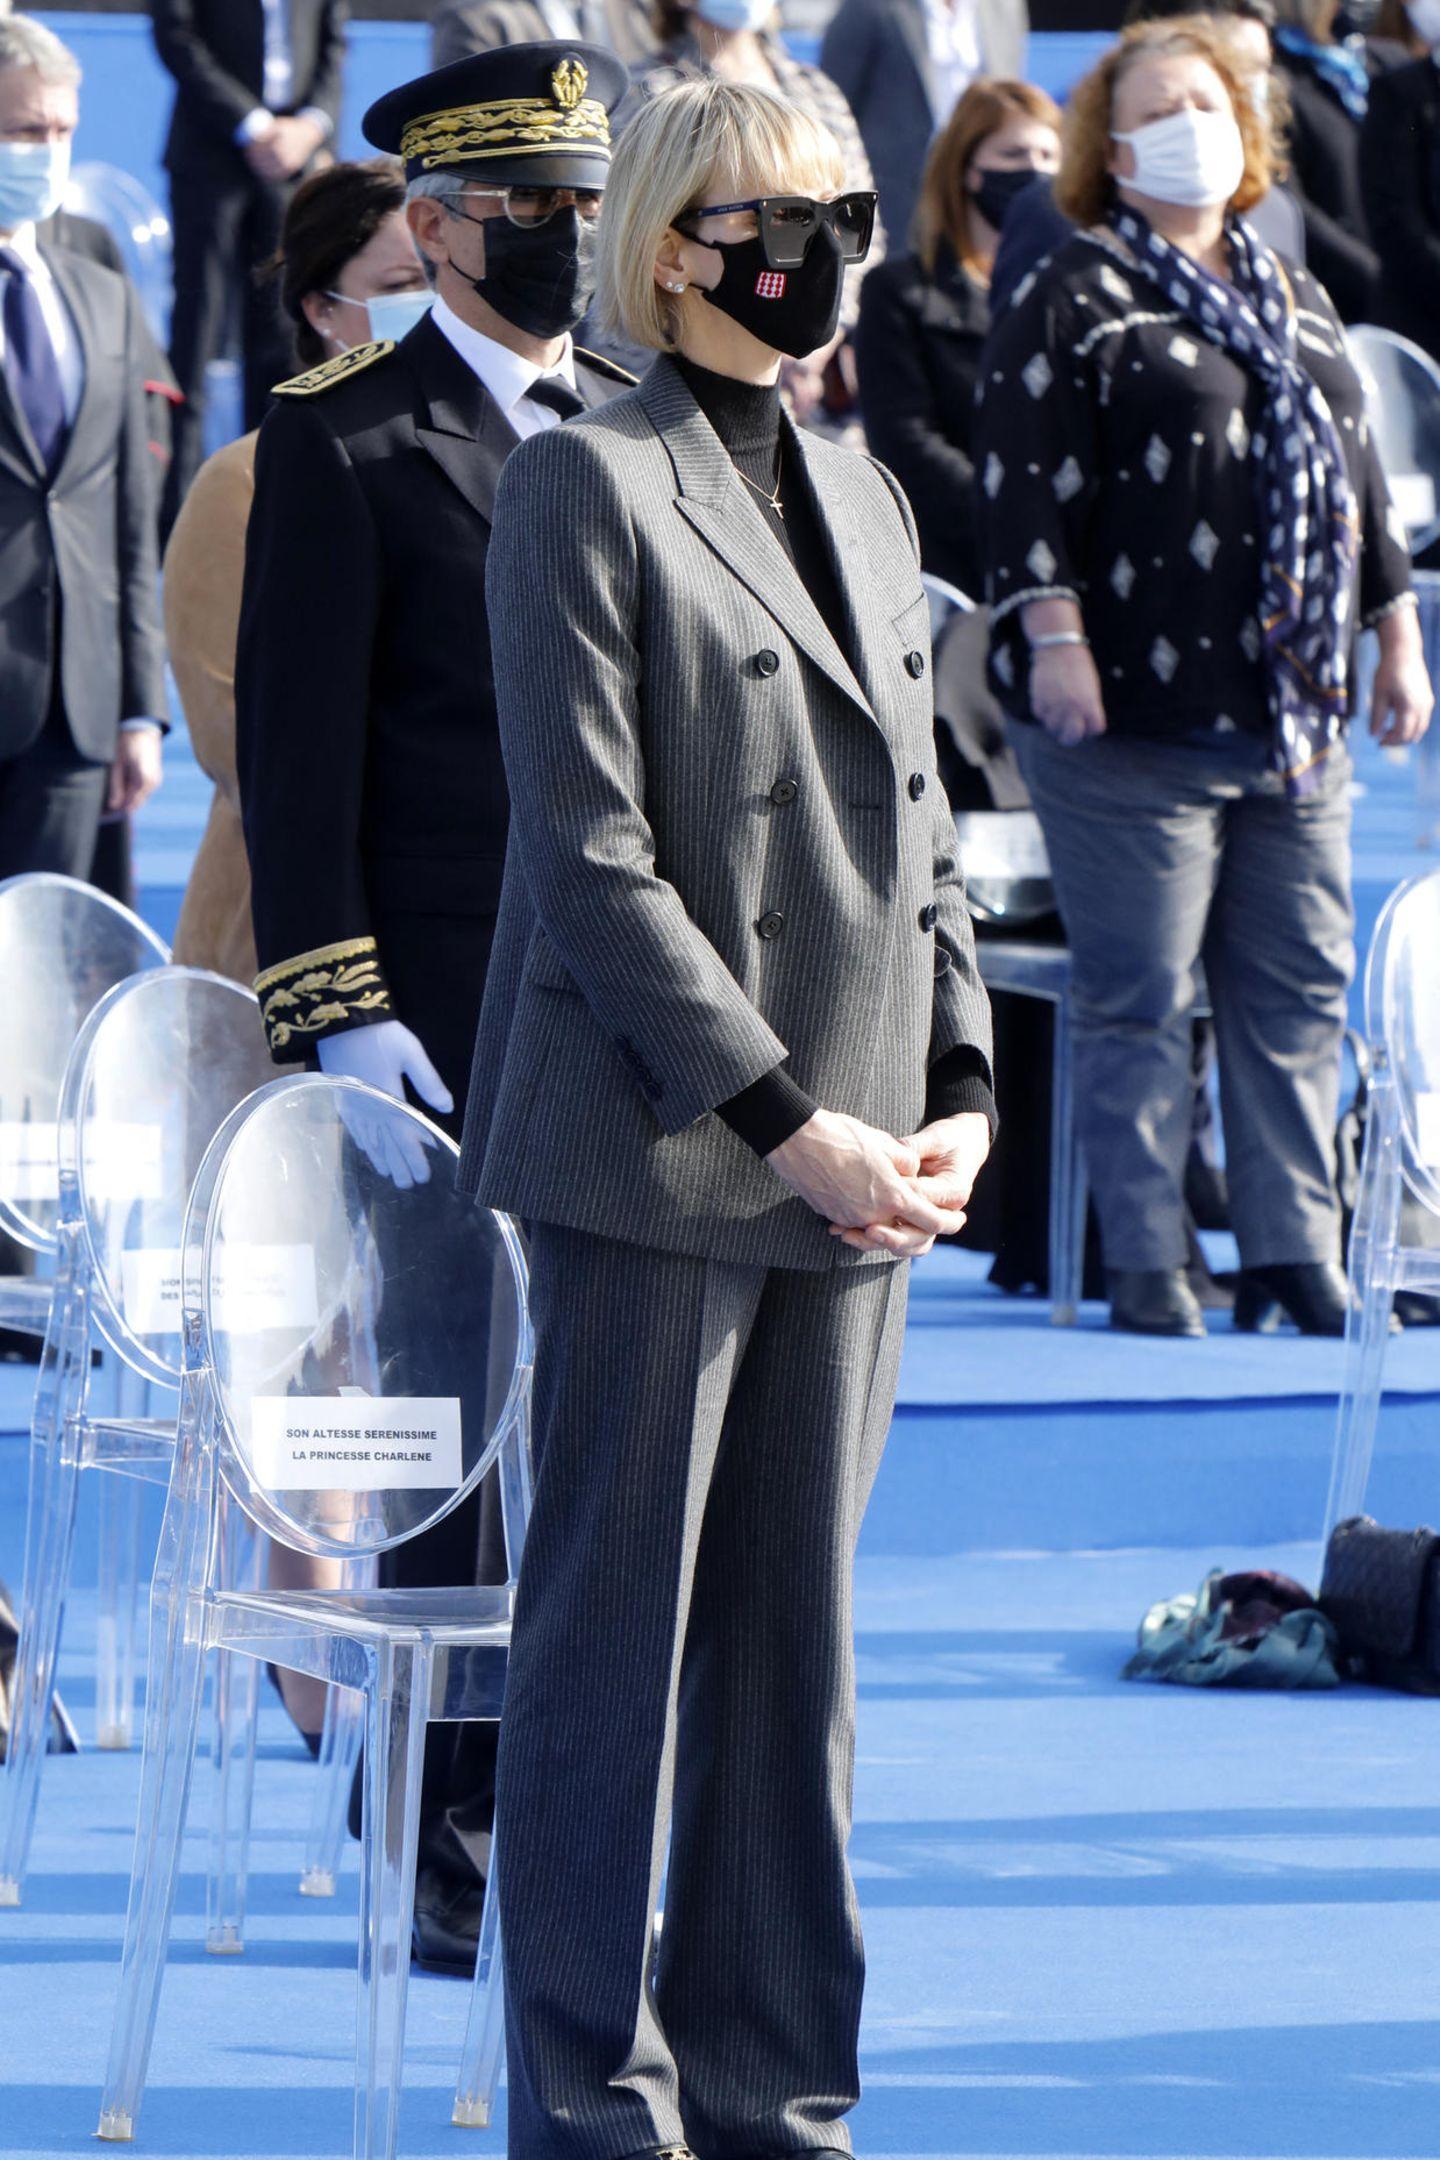 Mit einer dunklen XXL-Sonnenbrille und schwarzer Gesichtsmaske zeigt sich Fürstin Charlène während derEhrungszeremonie für die Opfer des Terroranschlags vom 29. Oktober 2020 auf dem Schlossberg in Nizza. Wir hätten die Frau von Prinz Albert auf den ersten Blick gar nicht erkannt. Denn im Inkognito-Look bestehend aus einem kastig-geschnittenen Blazer und passender Anzugshose mit auslaufendem Bein sowie einem schwarzen Rollkragenpullover hält sich die 42-Jährige optisch sehr bedeckt. Einzig und allein ihr markanter Pagenschnitt entlarvt die ehemalige Schwimmerindann doch.